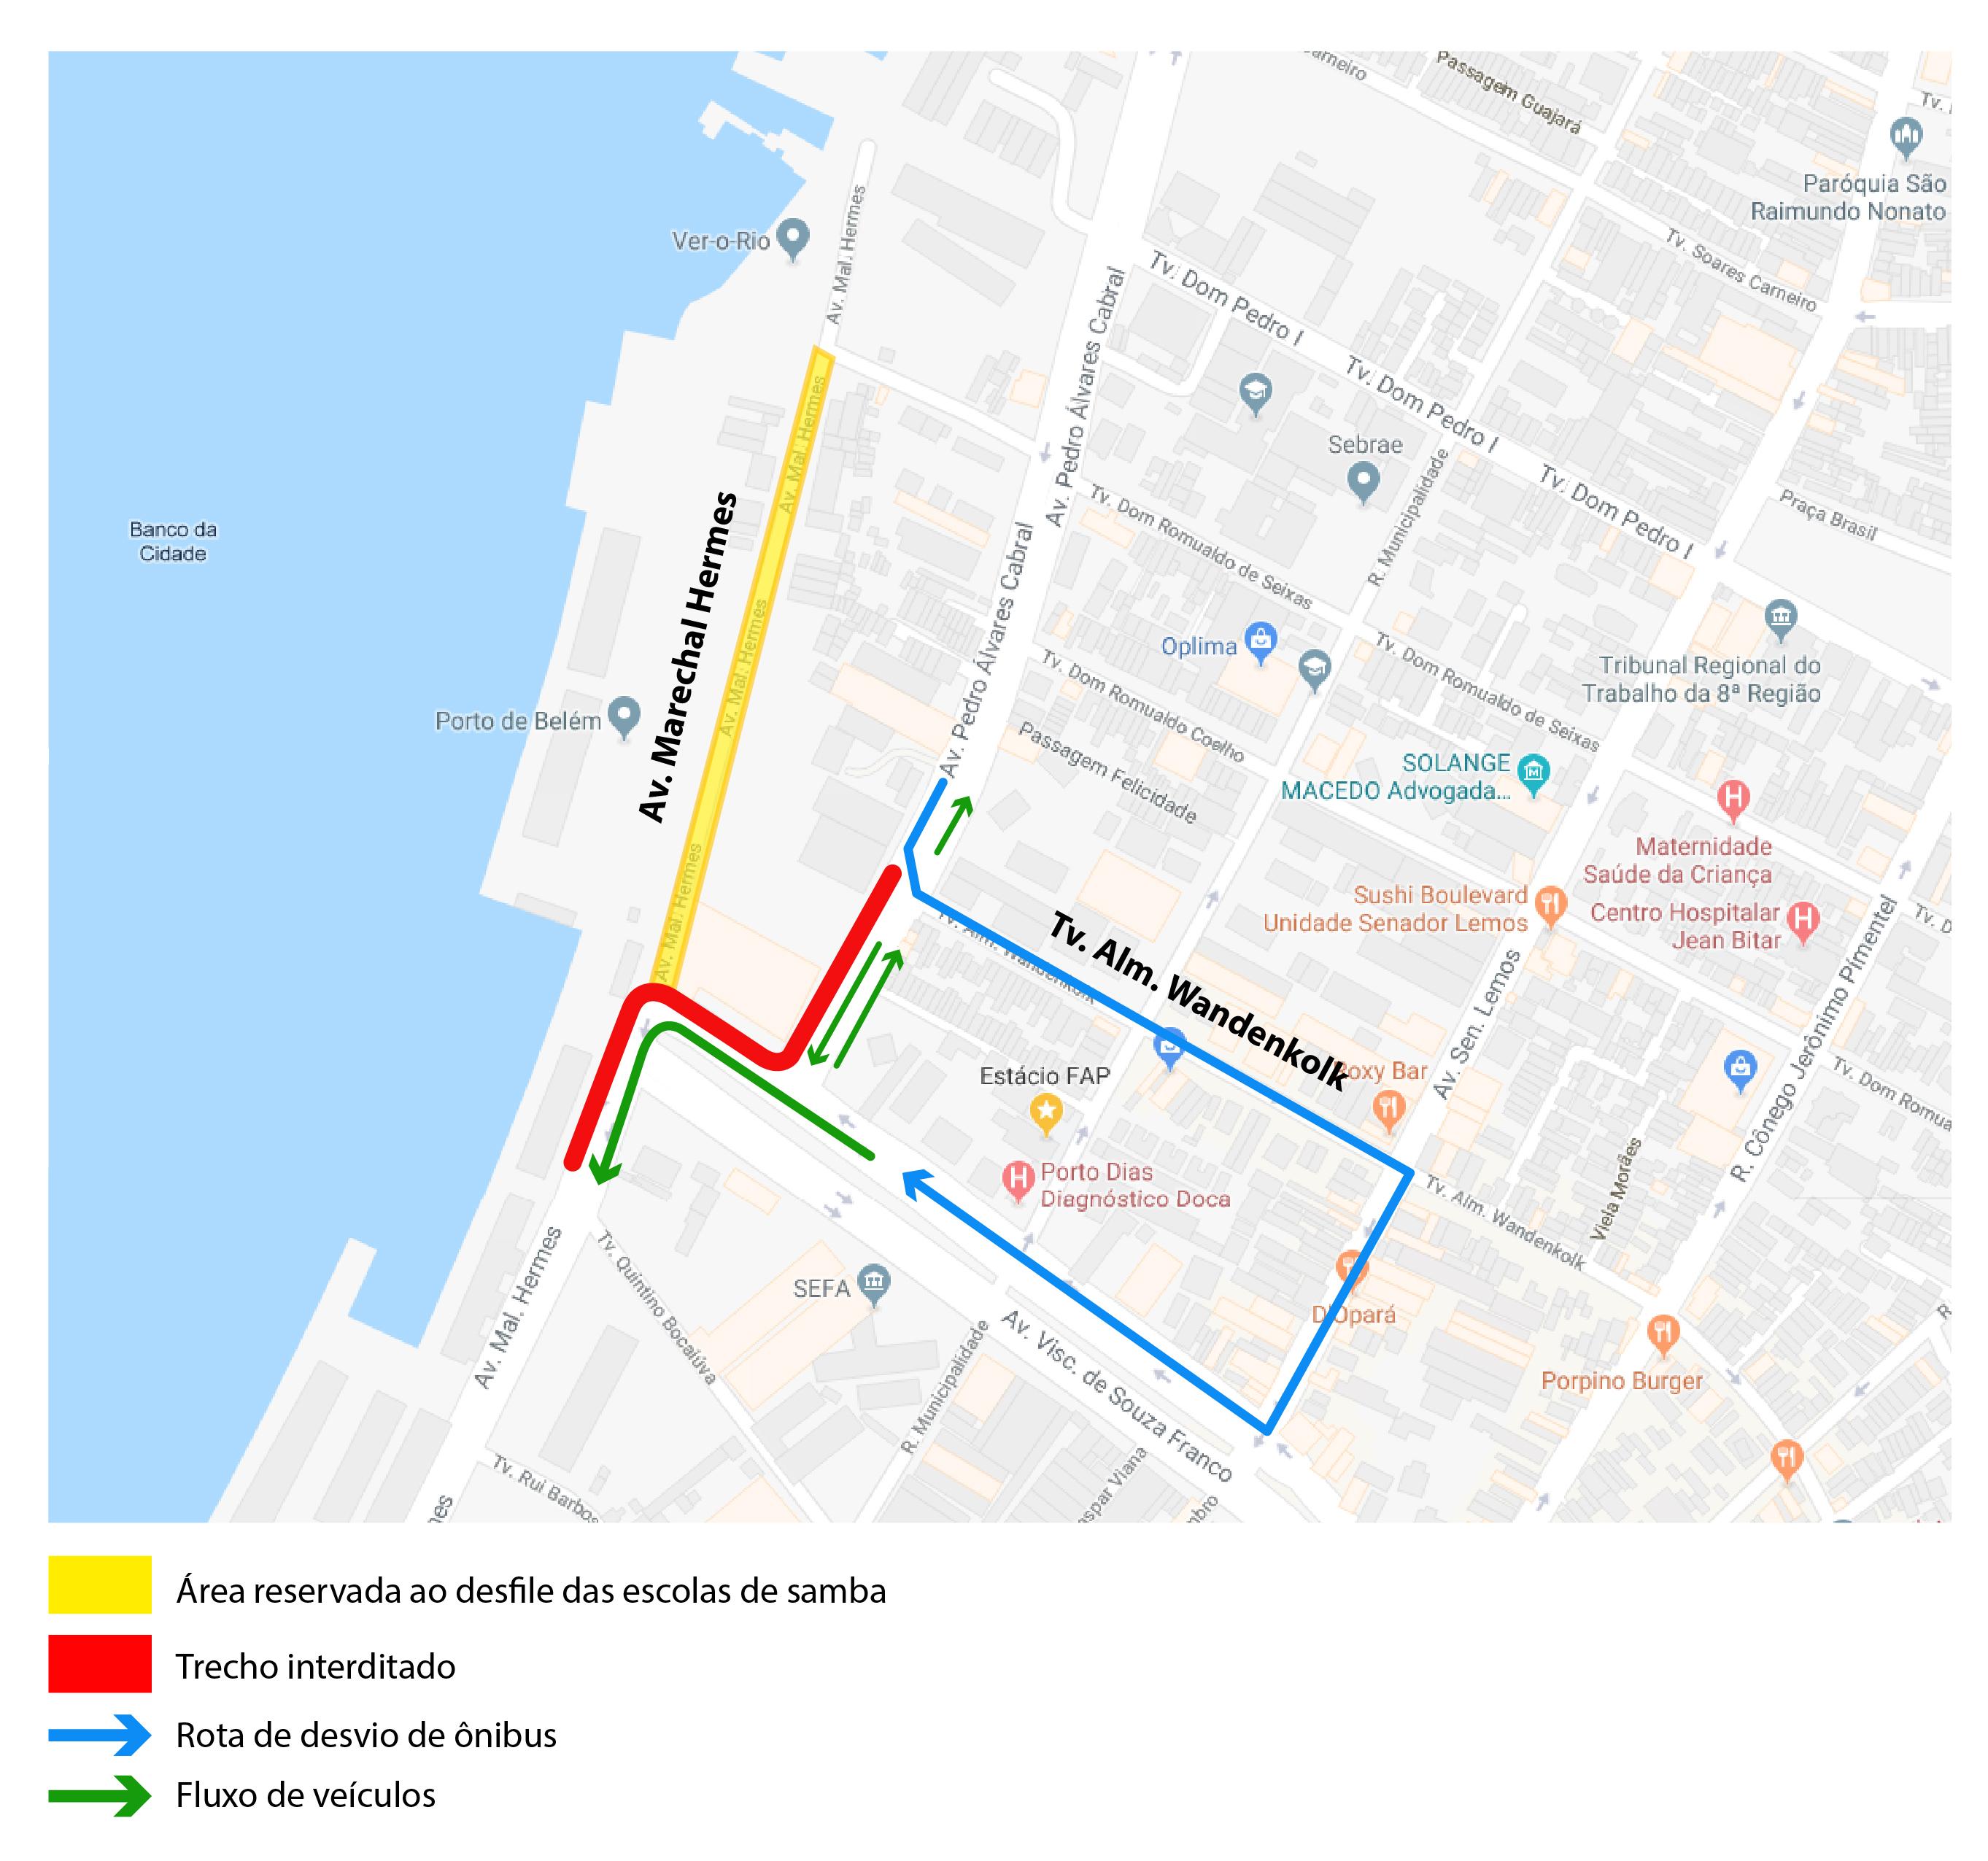 ce2f400c56a Desfile Oficial do Carnaval 2018 altera trânsito no bairro do ...